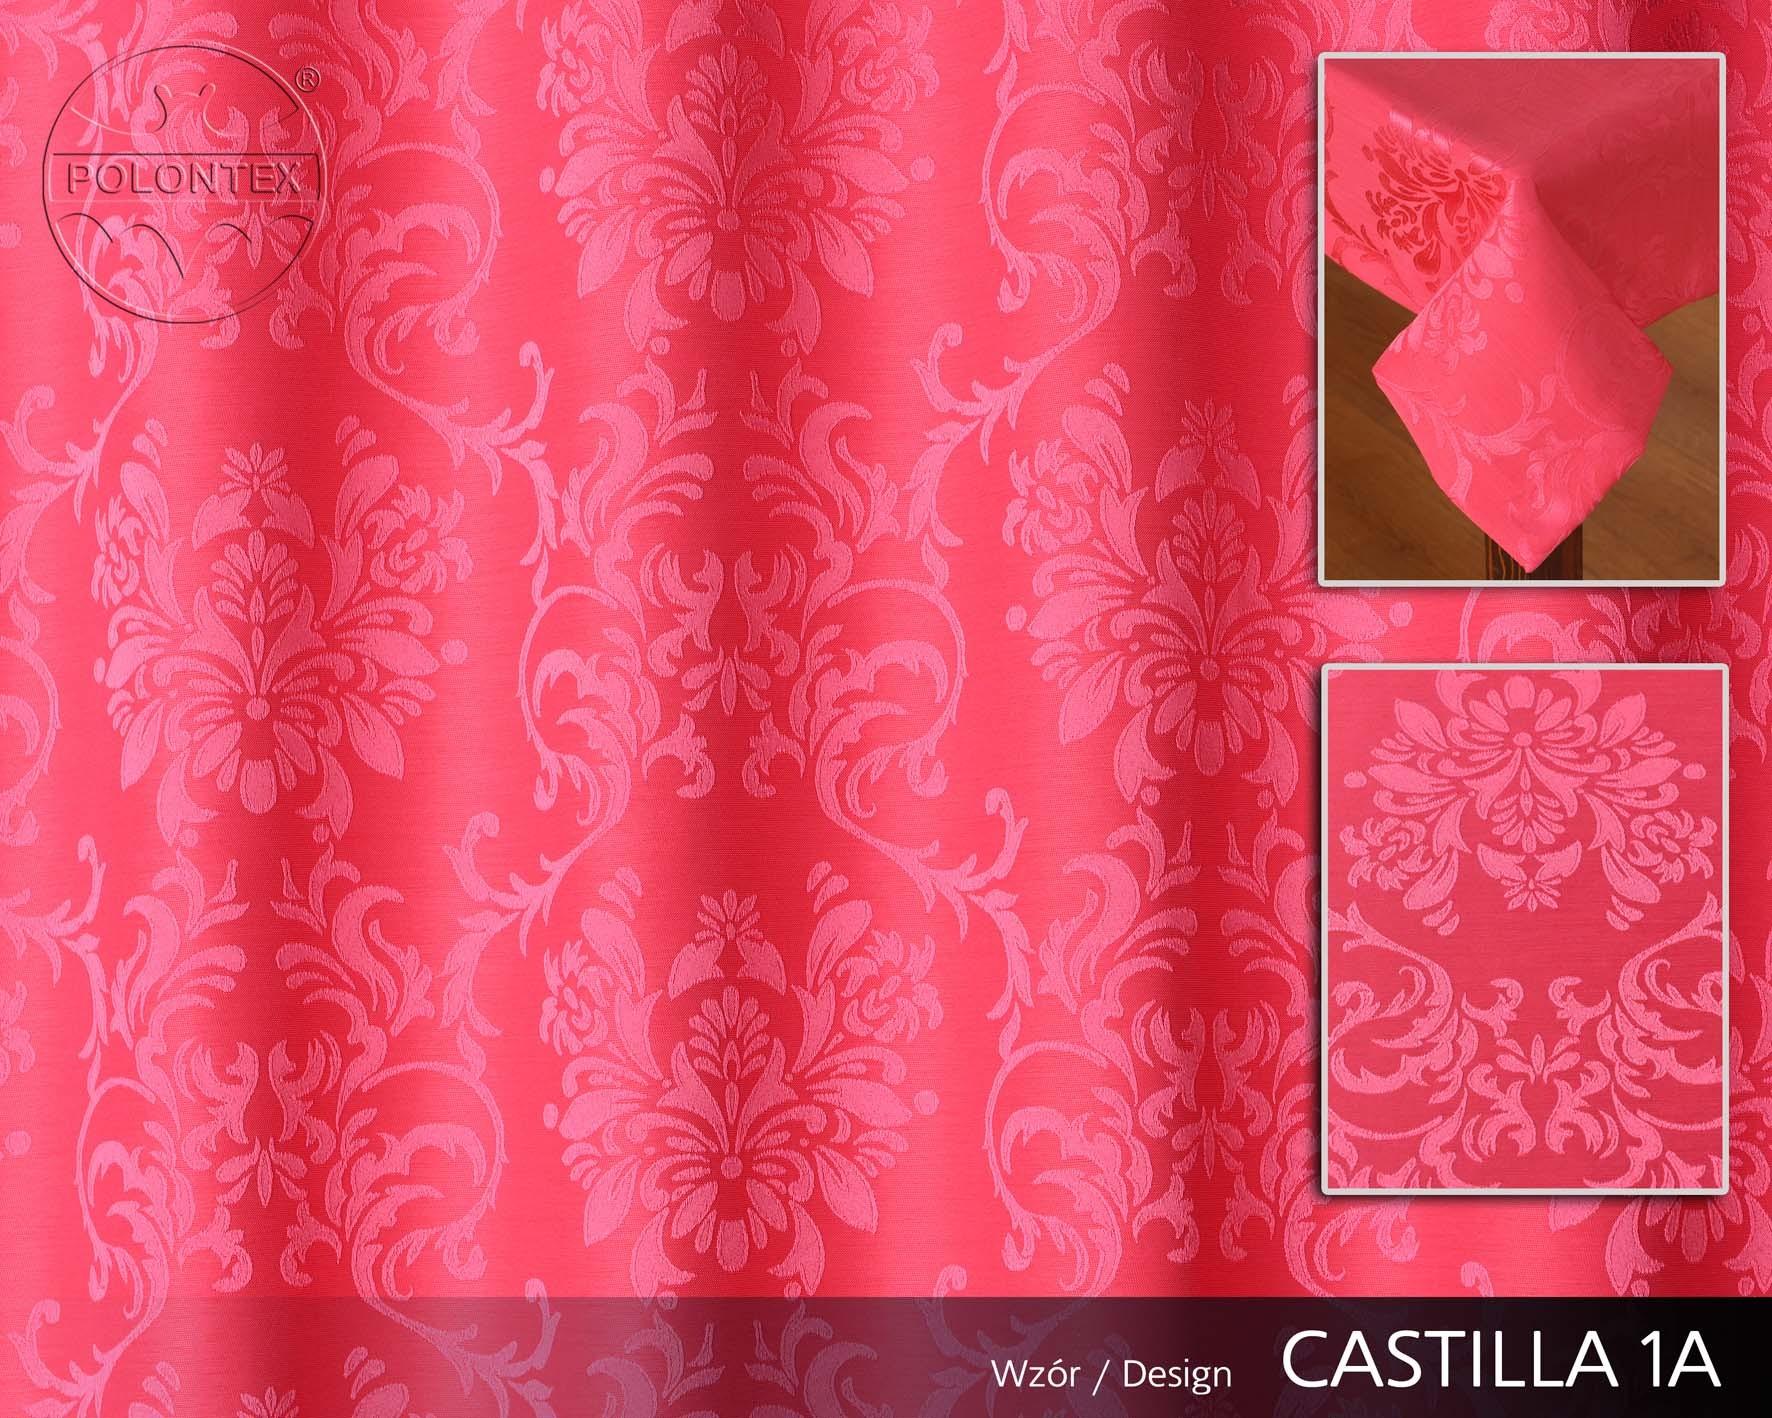 Castilla 1A 3432